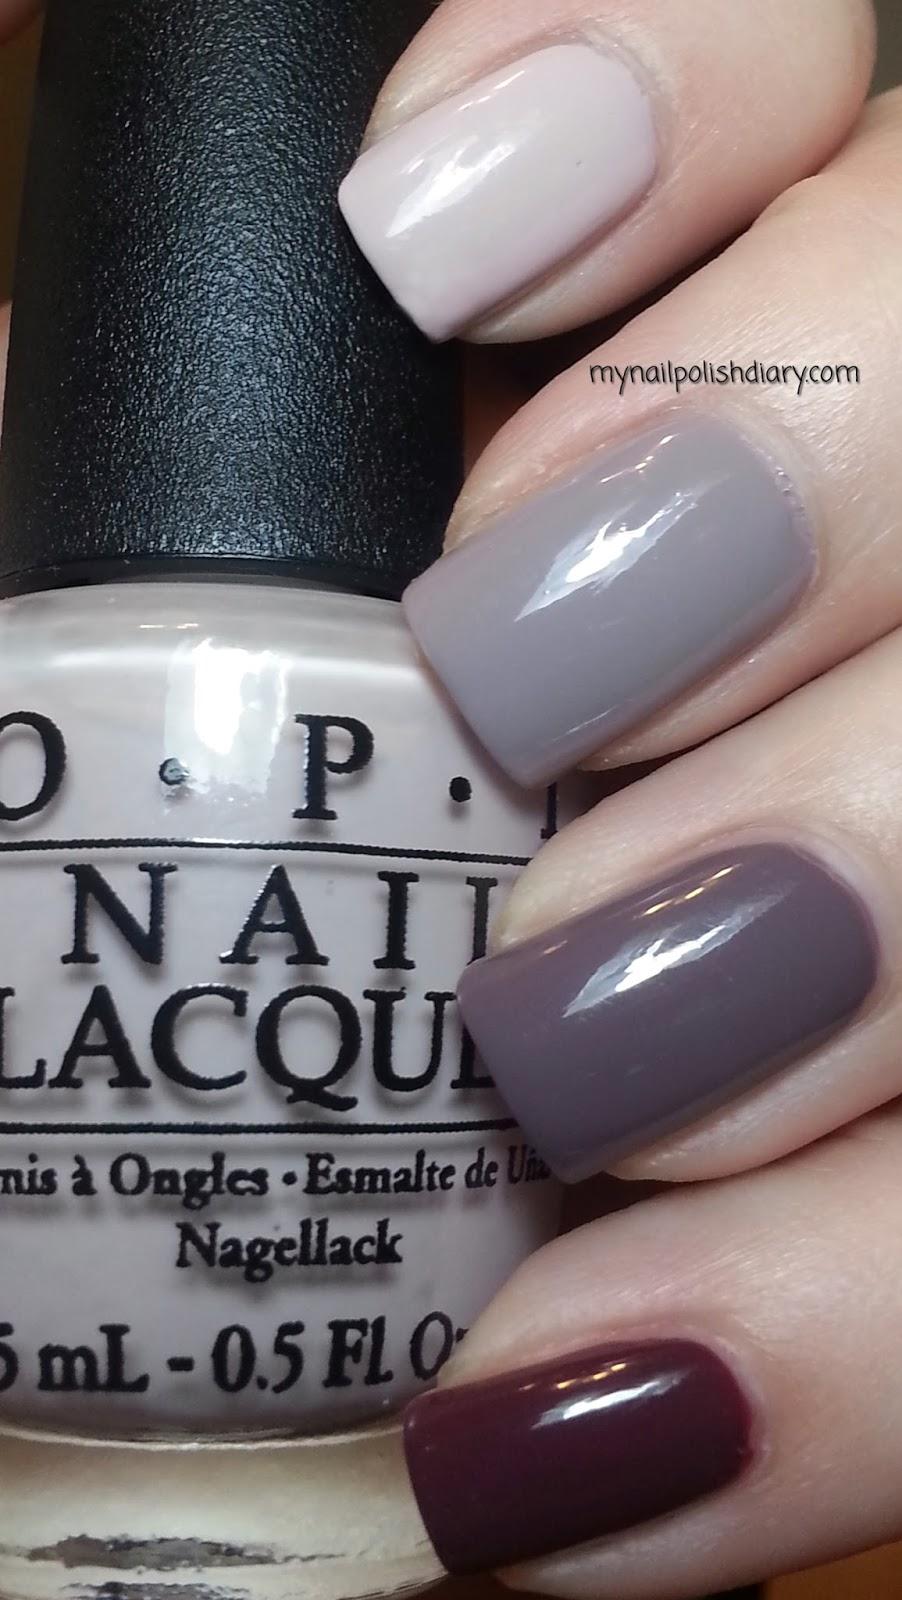 My Nail Polish Diary: OPI Neutral Ombre